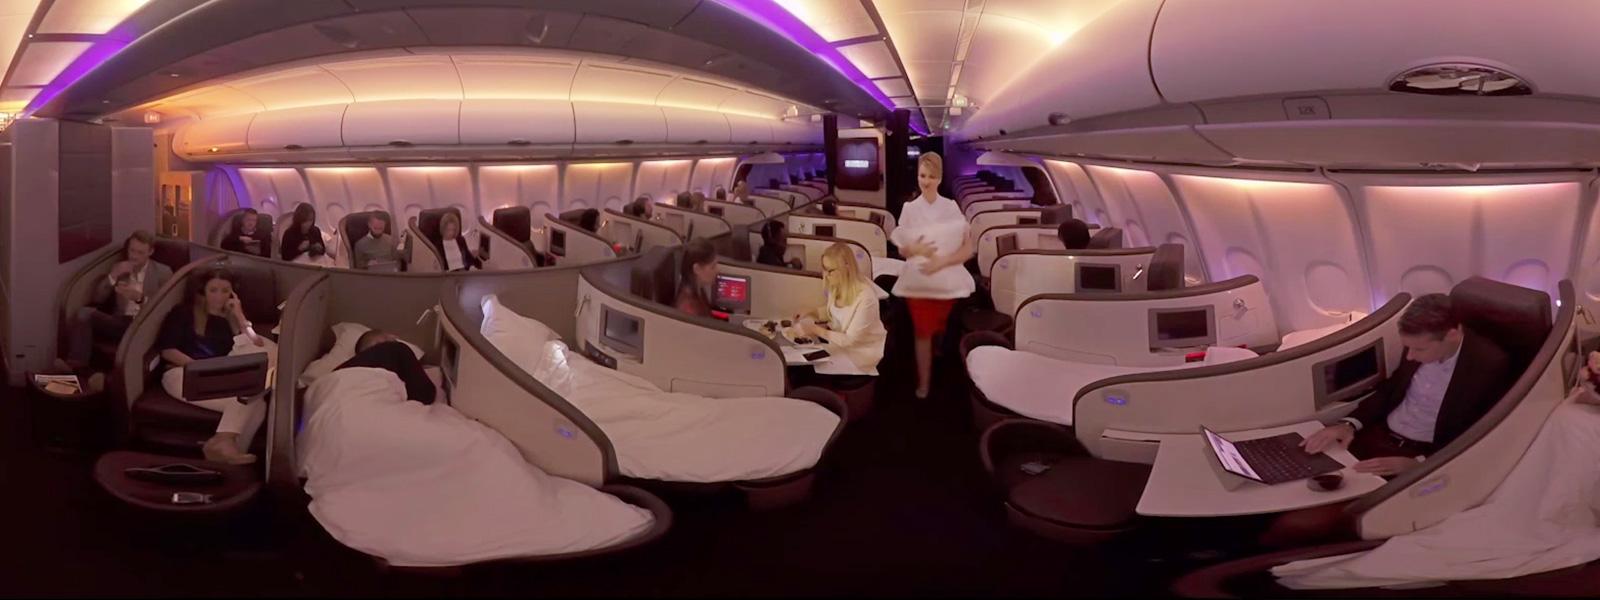 Zwei Passagiere auf einem Virgin Atlantic-Flug, die in Kopfstützen integrierte Tablets nutzen